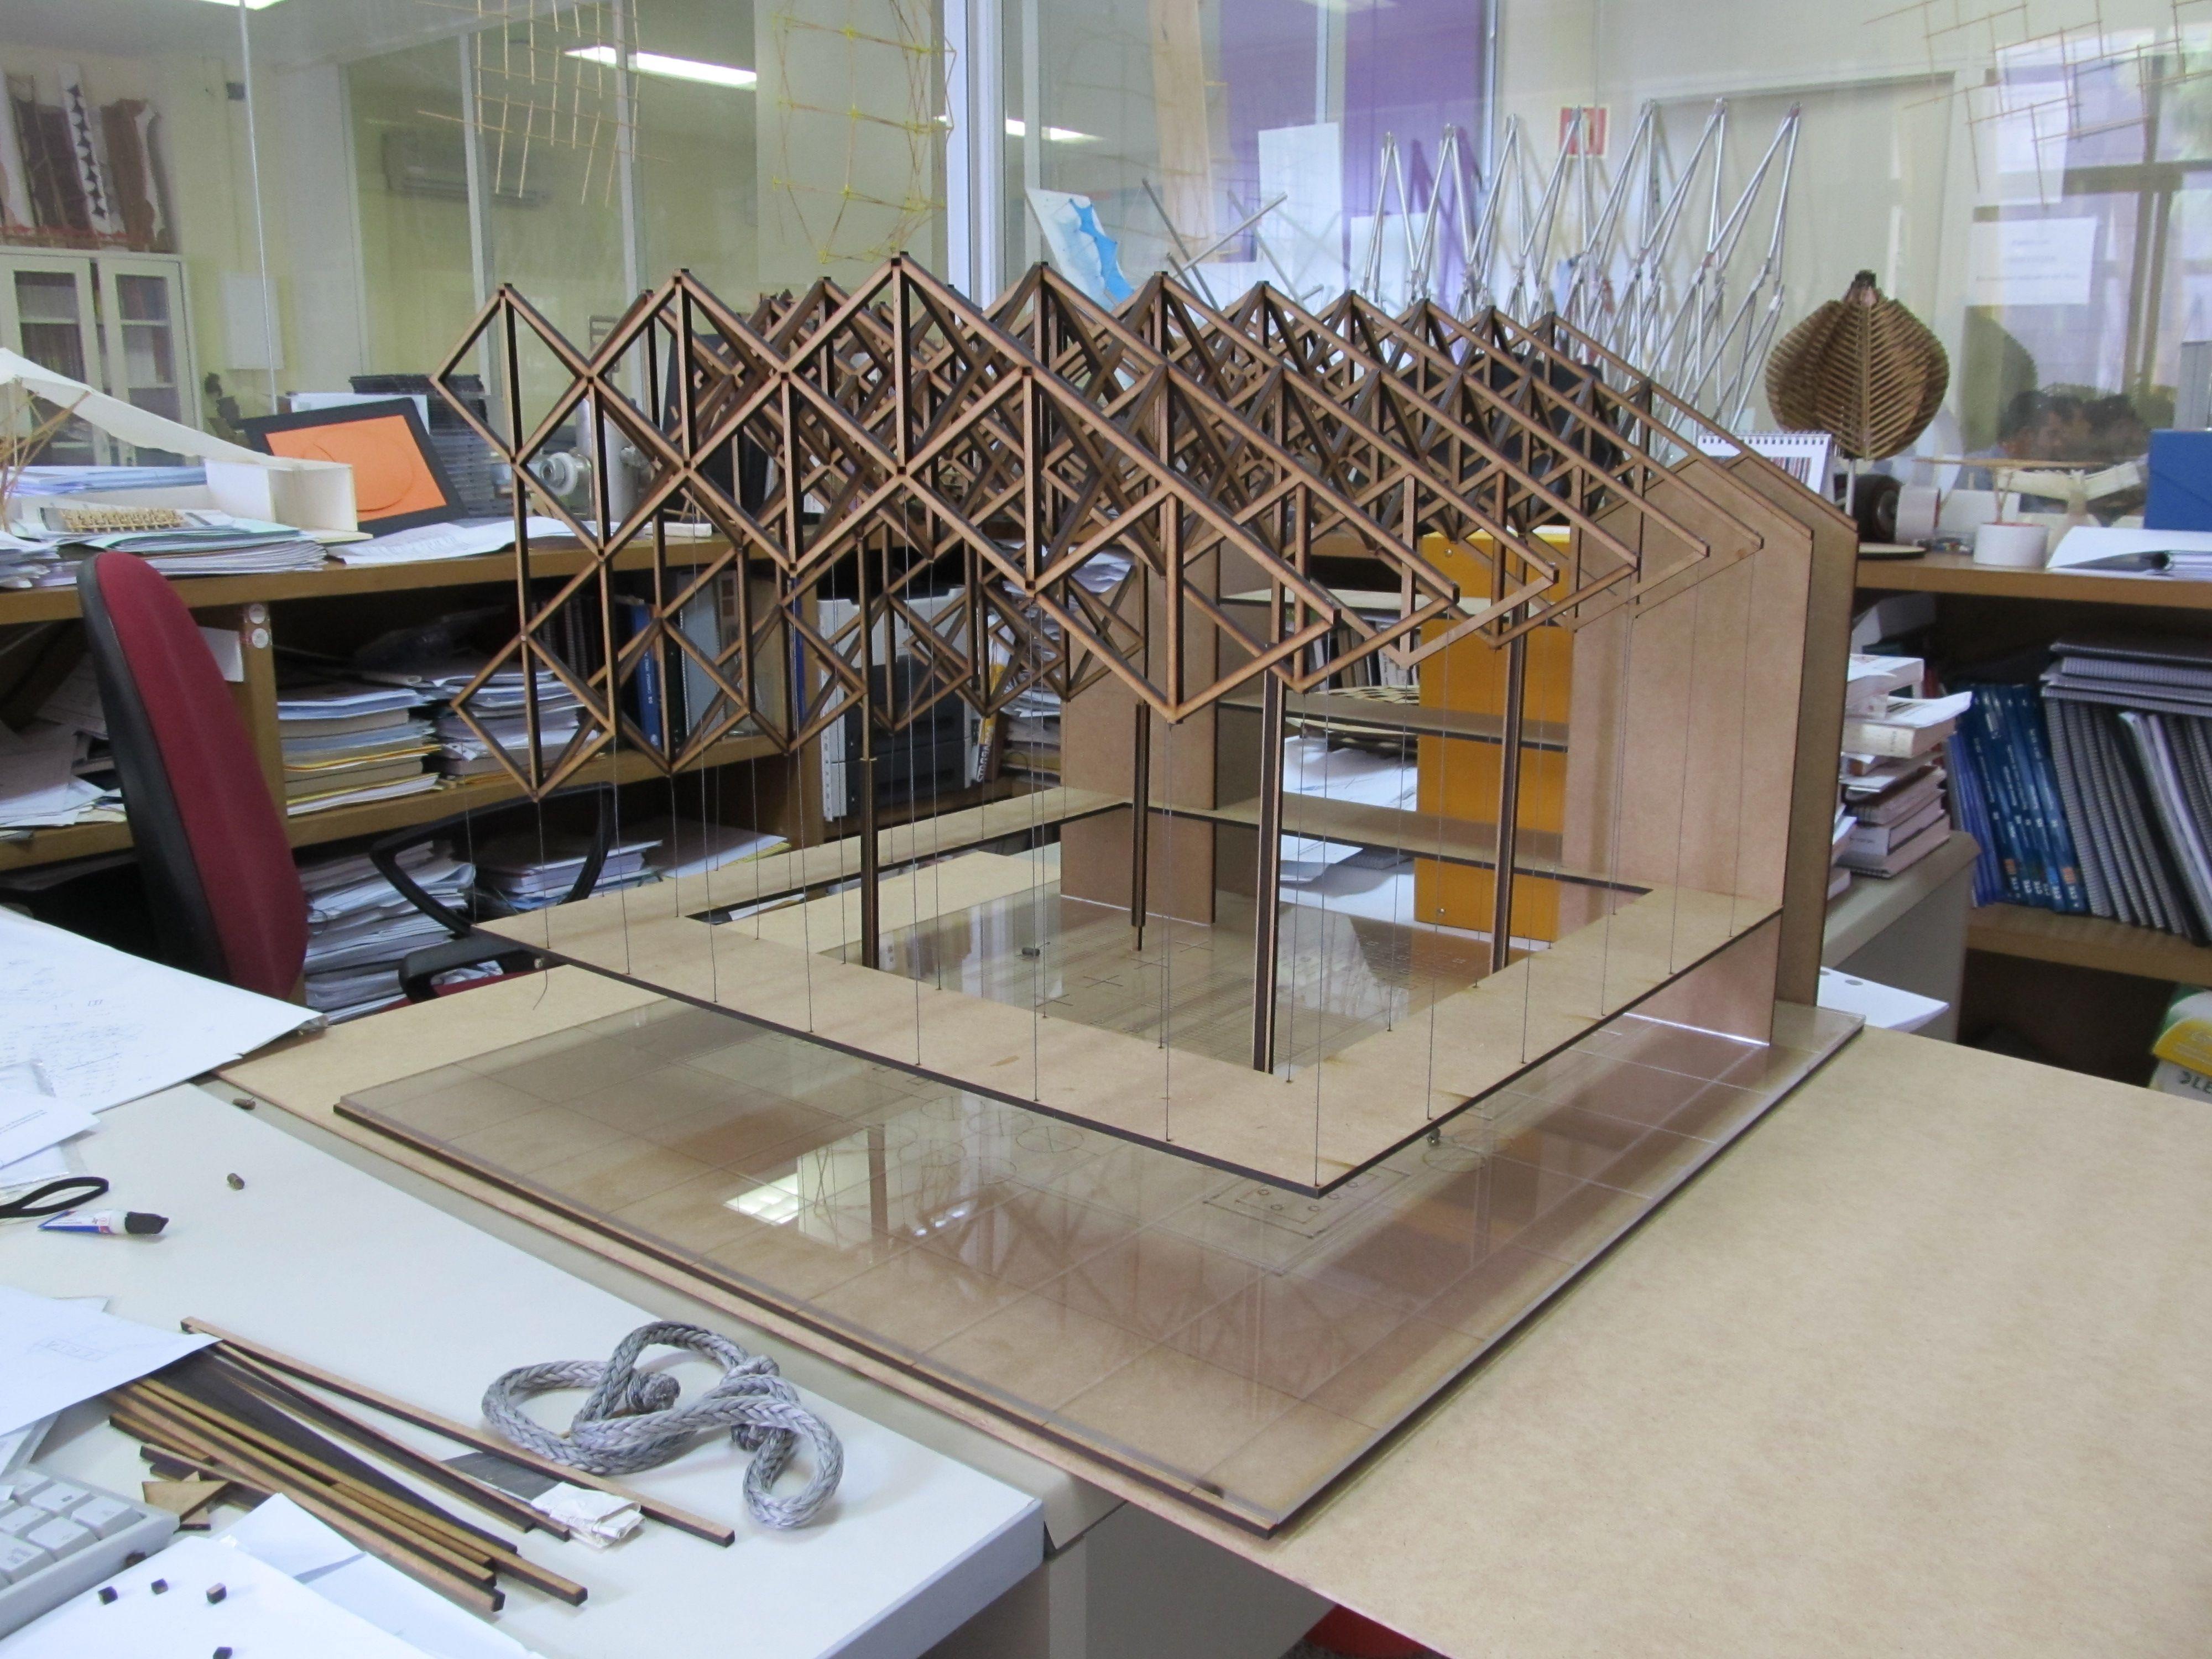 Estructuras especiales etsa universidad de sevilla maquetas de alumnos escuela tecnica - Arquitectura tecnica sevilla ...